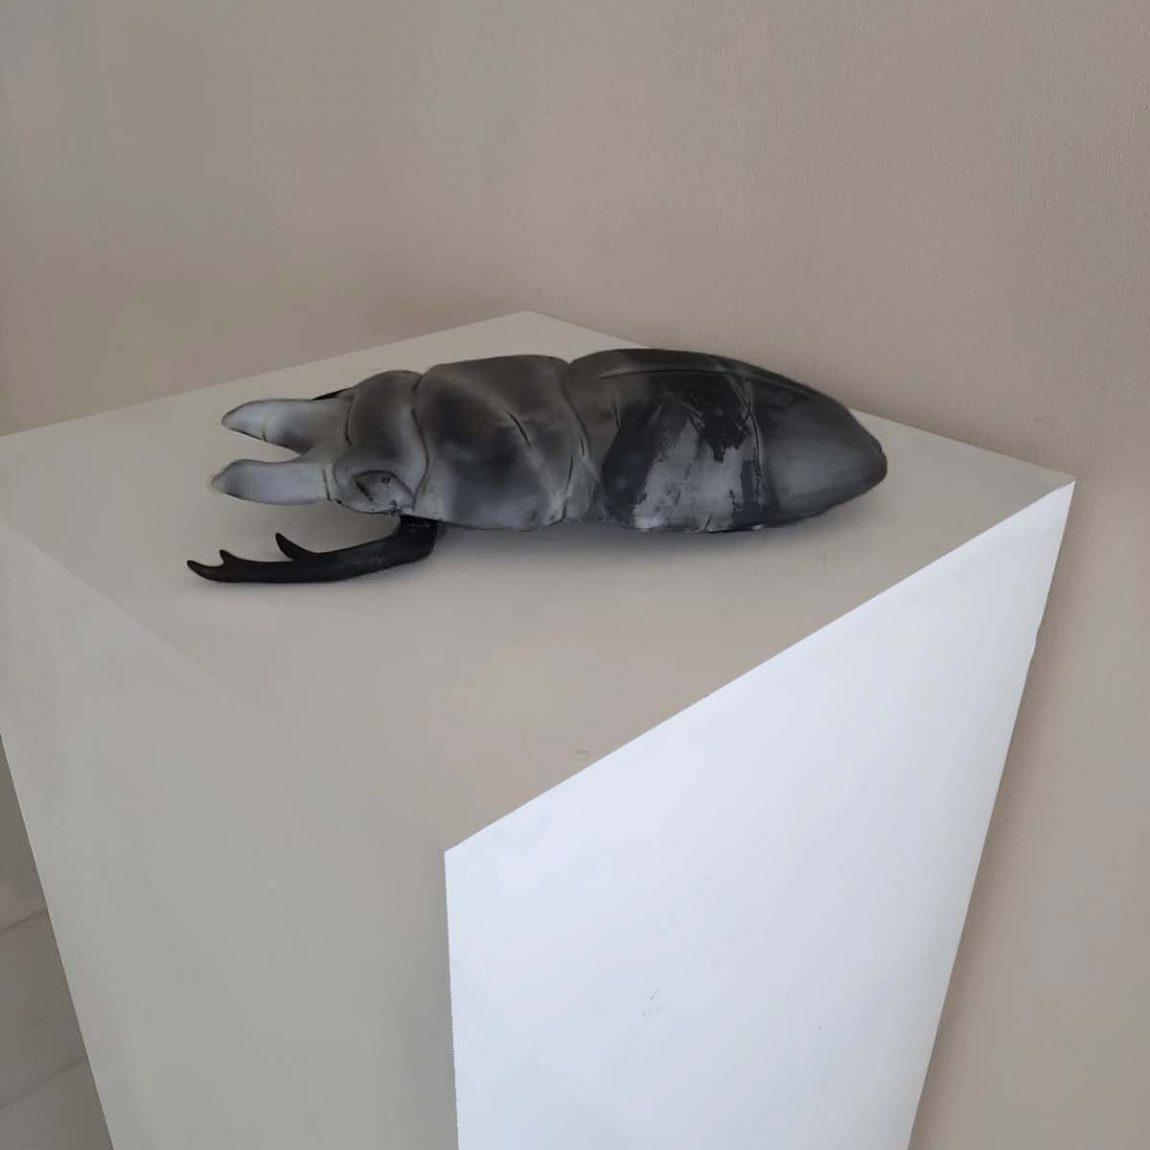 Sanatçı : Esra Köseaydın Gül -  Eser Adı: Bugy - Teknik:  Döküm Tekniği ile Şekillendirme Sagar Pişirimi Ölçü: 40 x 17 cm H:8cm-  Fiyat : 5.900  TL